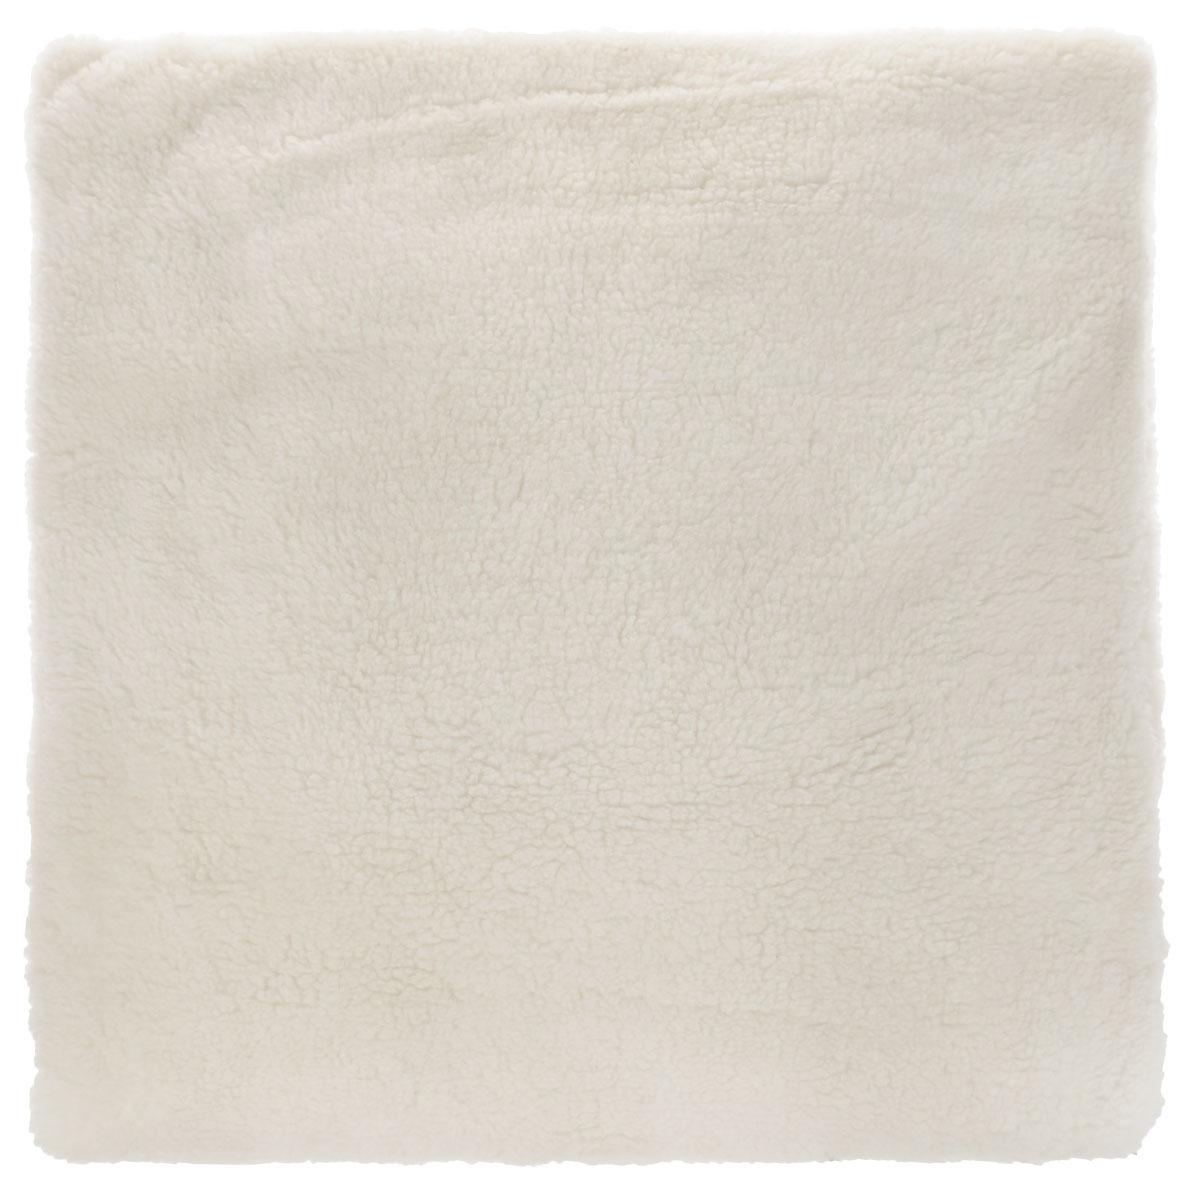 Подушка Bio-Textiles Здоровый сон, наполнитель: лузга гречихи, 70 х 70 смZS936Подушка Bio-Textiles Здоровый сон - модель, в качестве наполнителя для которой используетсяовечья шерсть вместе с натуральной лузгой гречихи.У такого сочетания массапреимуществ:-изделие отличается хорошими дышащими и теплоизоляционными свойствами; -обладает ортопедическим эффектом; -не электризуется, не притягивает пыль; -сохраняет форму длительный срок; -способствует снятию напряжения и полноценному отдыху. Состав:наполнитель - лузга гречихи; чехол из натурального овечьего меха. Рекомендации по уходу:Наполнитель стирке не подлежит, его необходимо пересыпать в пакет.